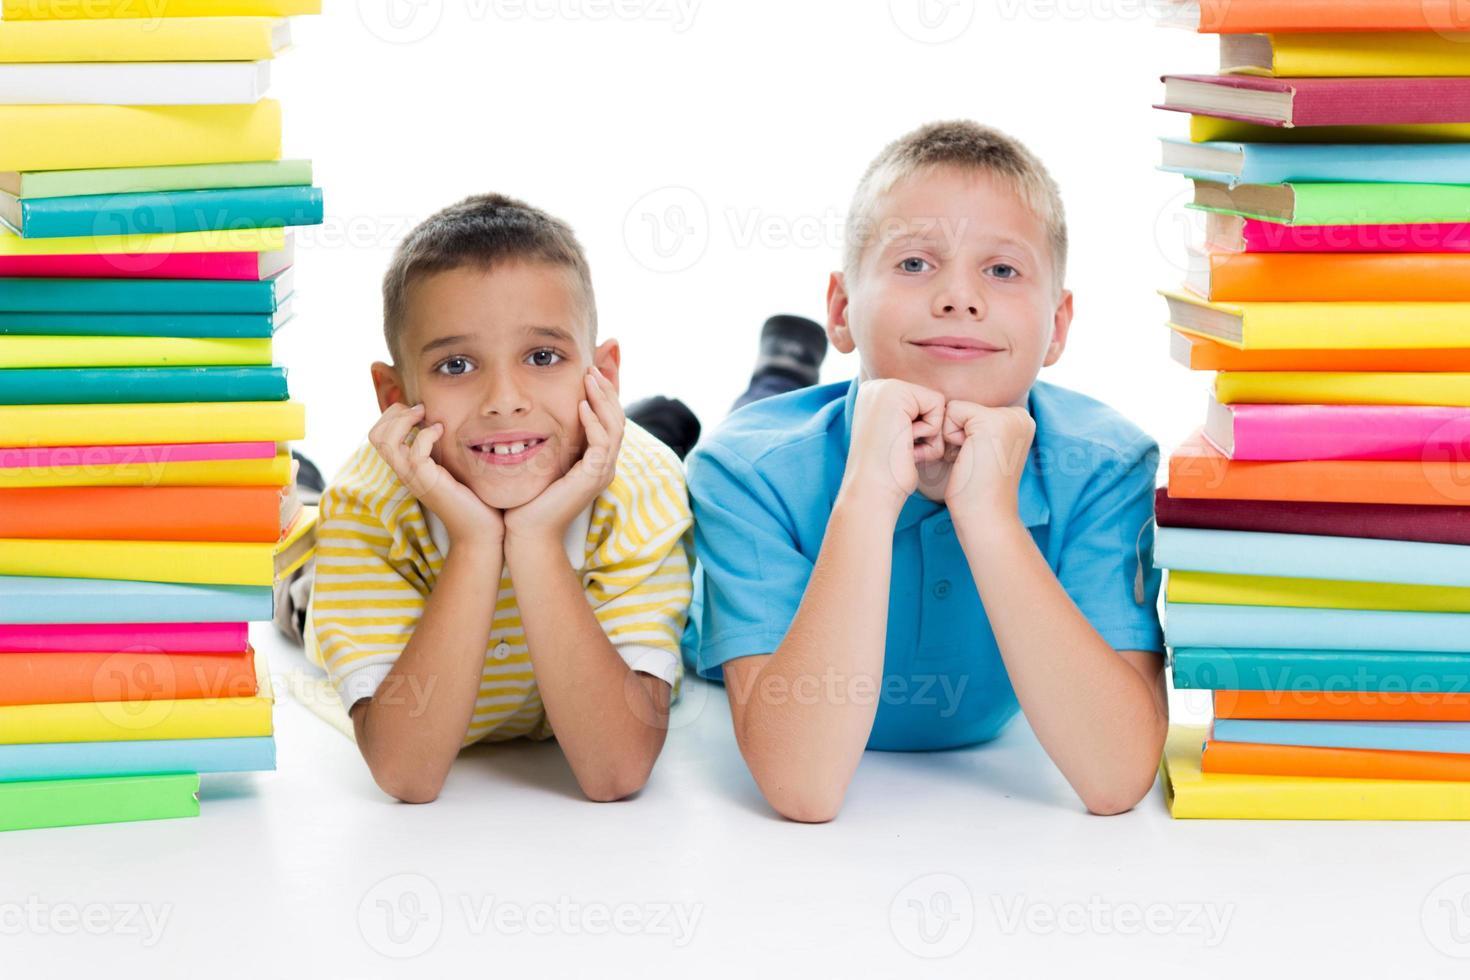 étudiants assis derrière une pile de livres sur fond blanc photo